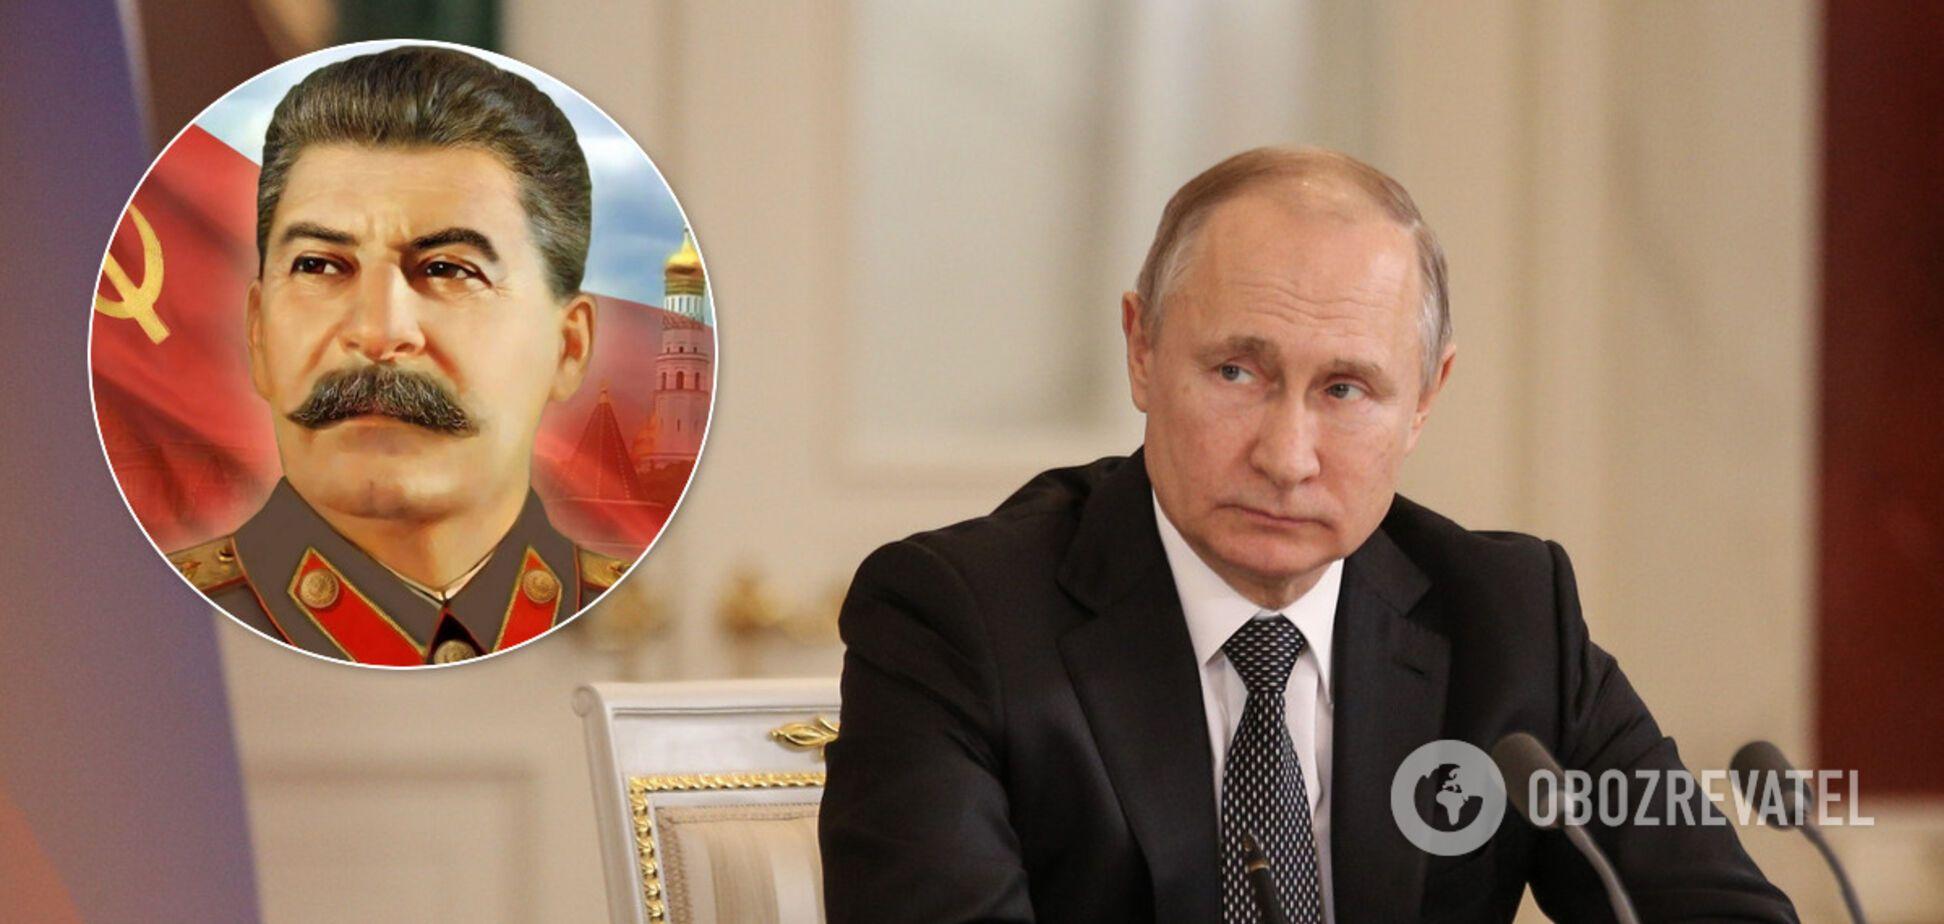 Путин по примеру Сталина начнет массовые репрессии – оппозиционер